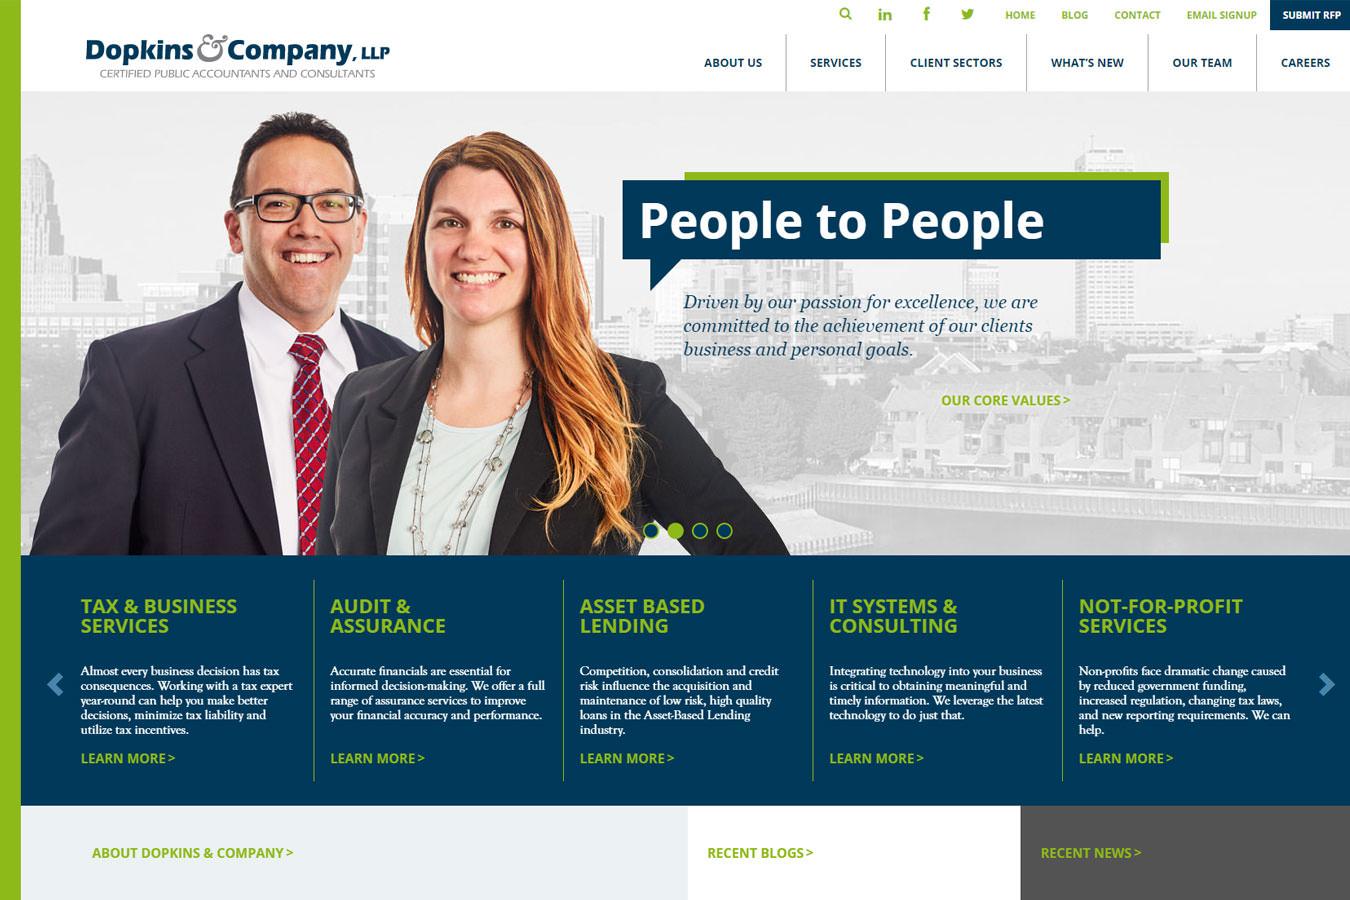 Dopkins homepage